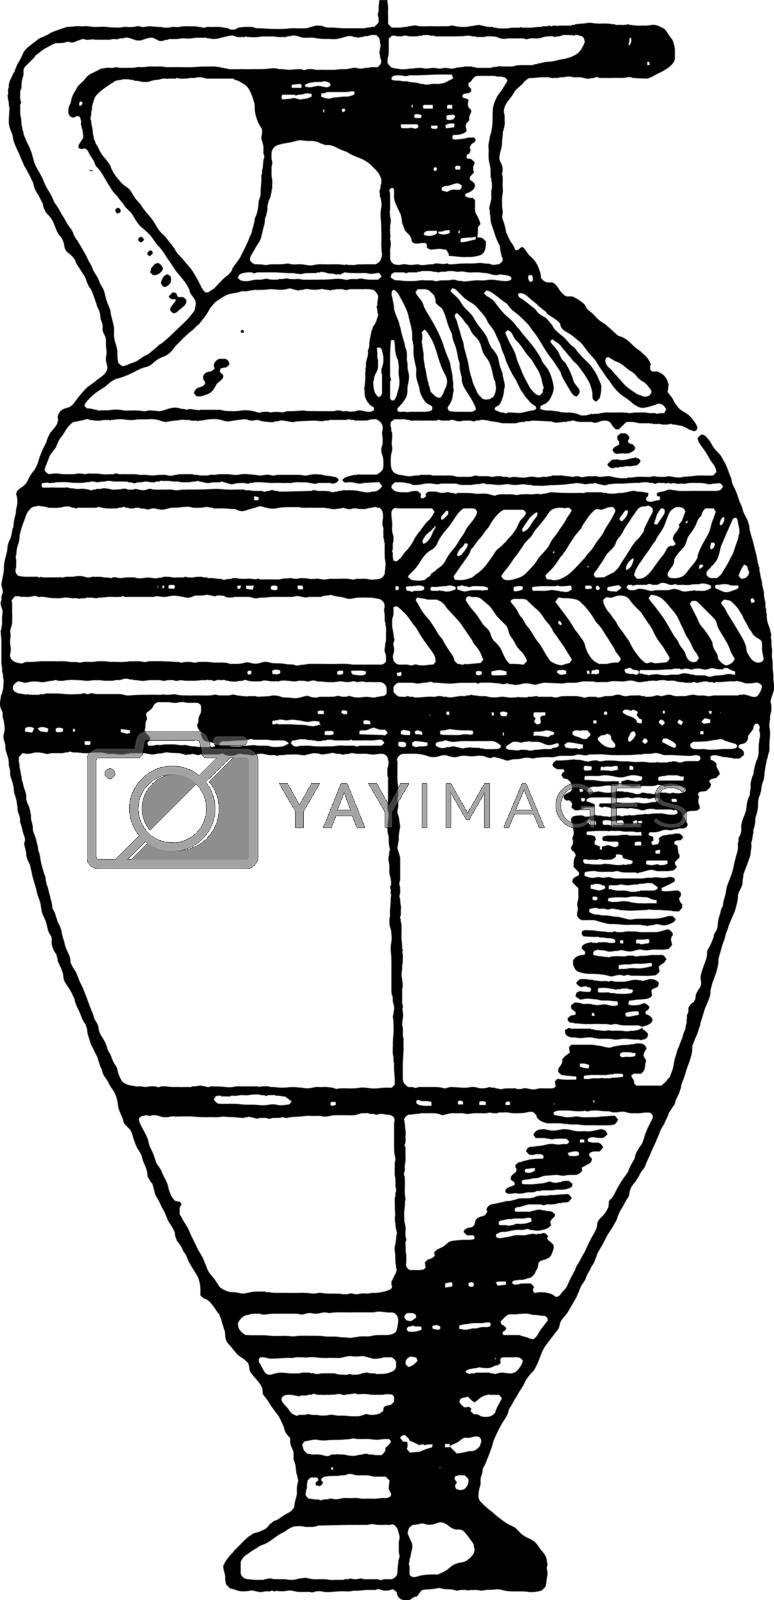 Greek Lekythos is a type of Ancient Greek vessel, vintage engrav by Morphart